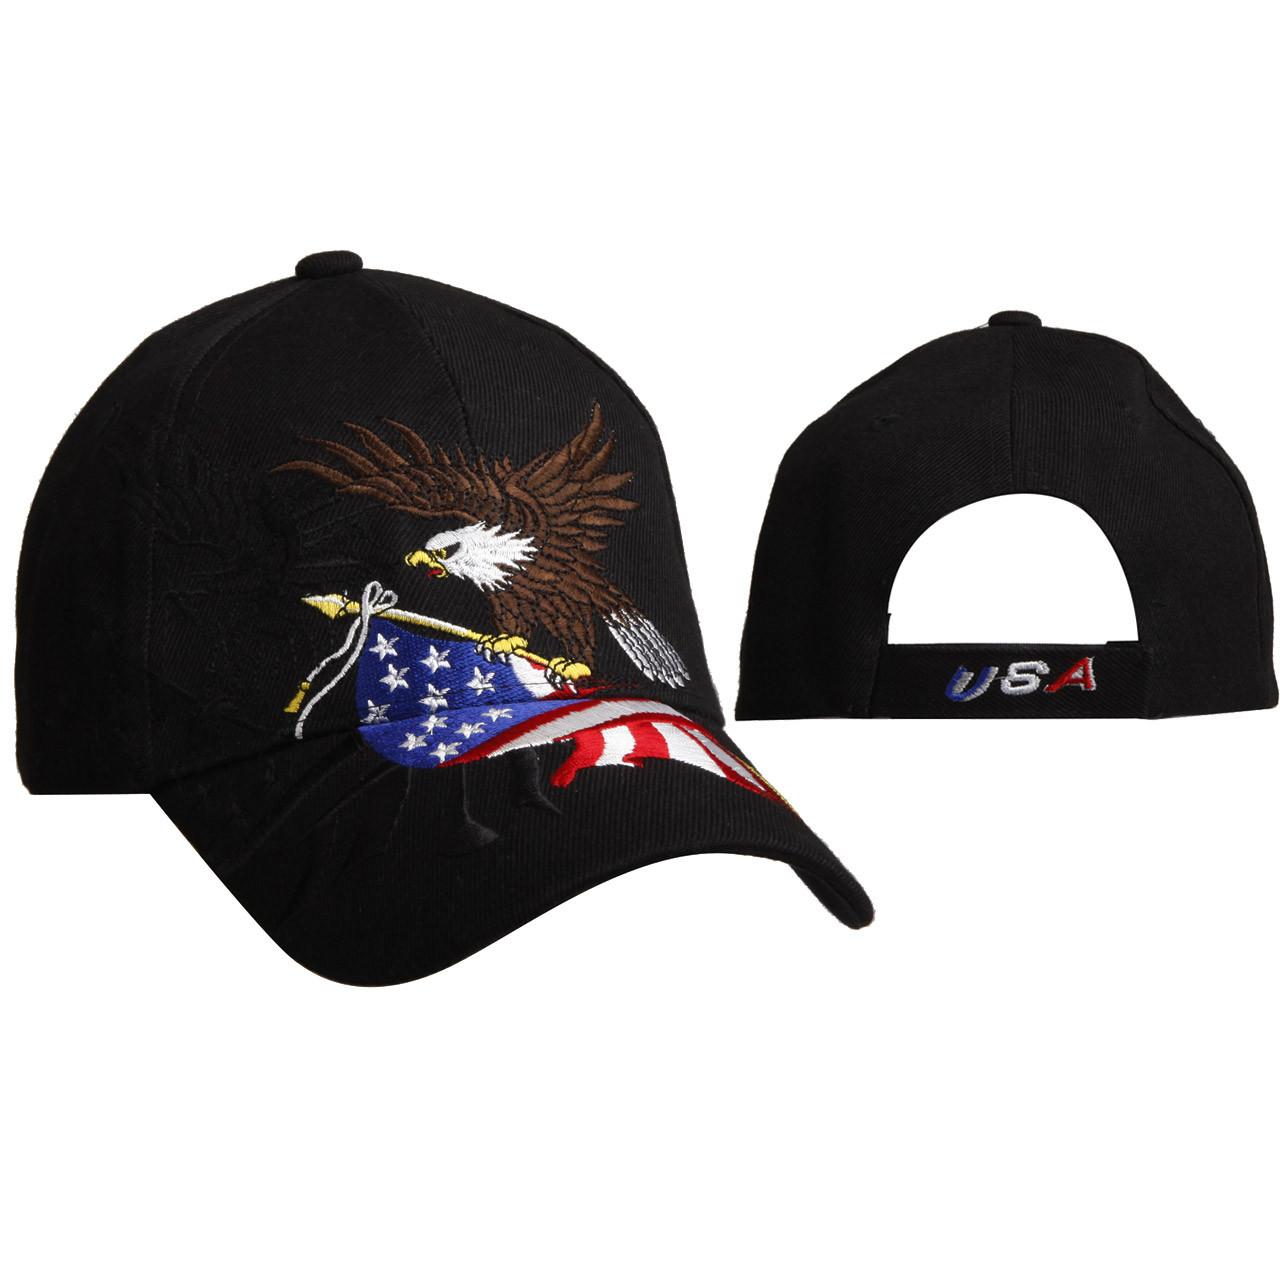 Patriotic Wholesale Cap C6011 - Black